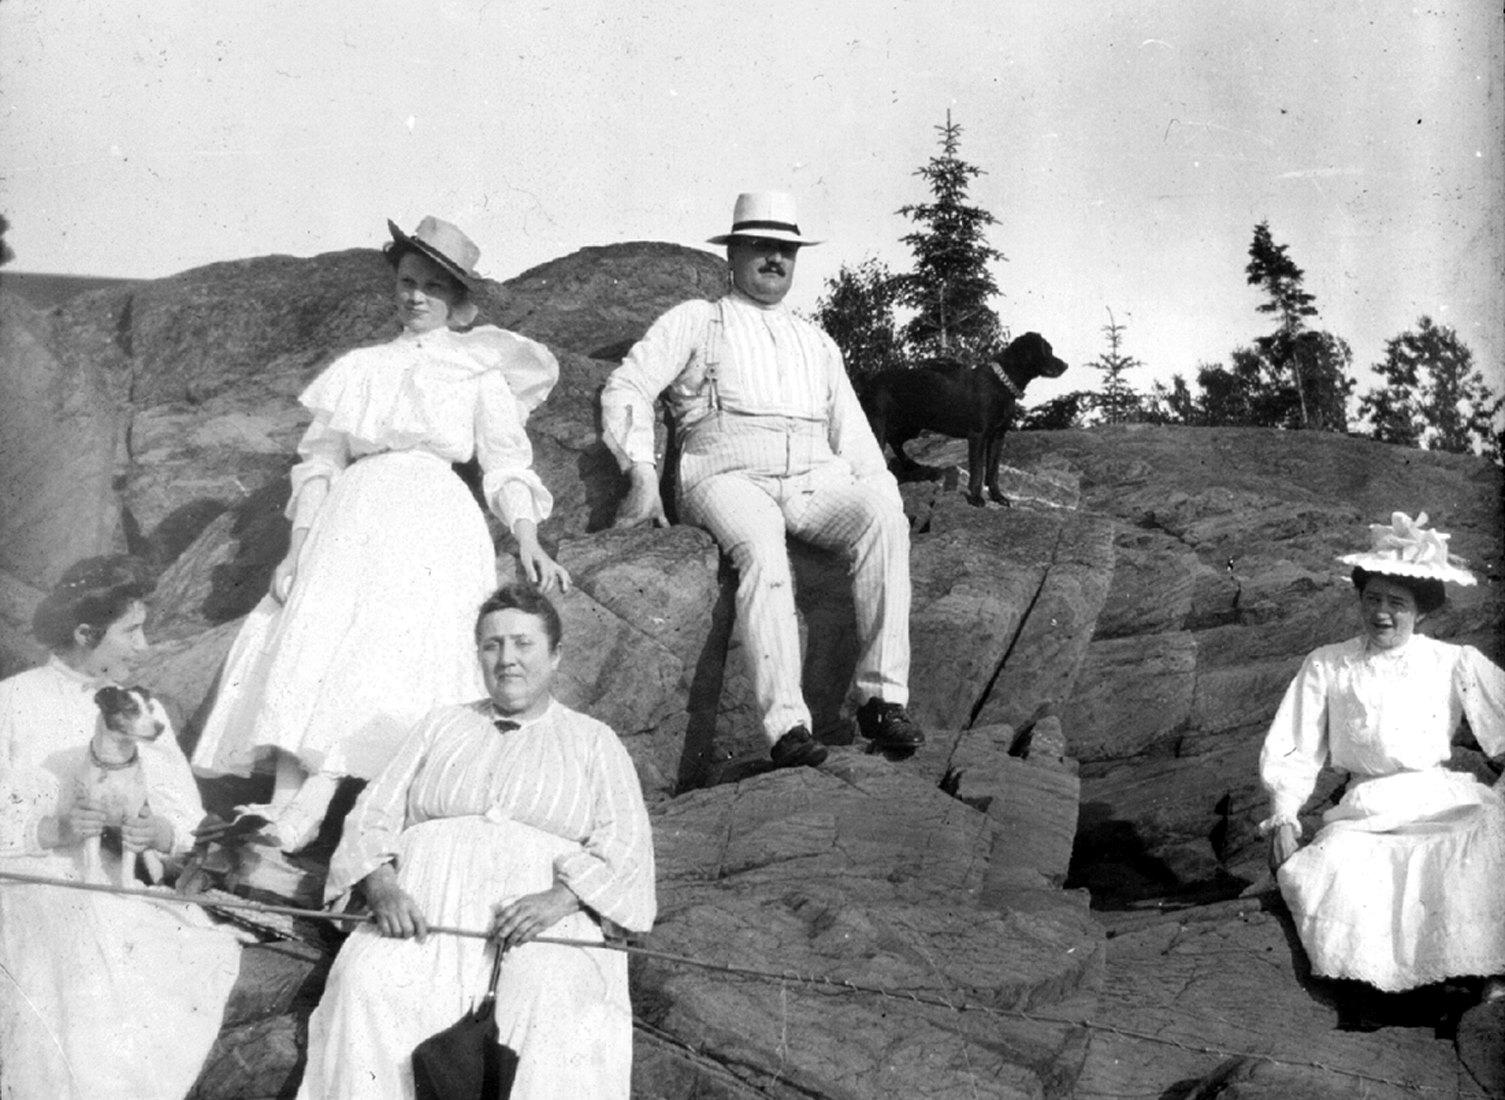 Cinq adultes vêtus de blanc, accompagnés de deux chiens, sont assis sur un rocher. Une femme tient une canne à pêche.